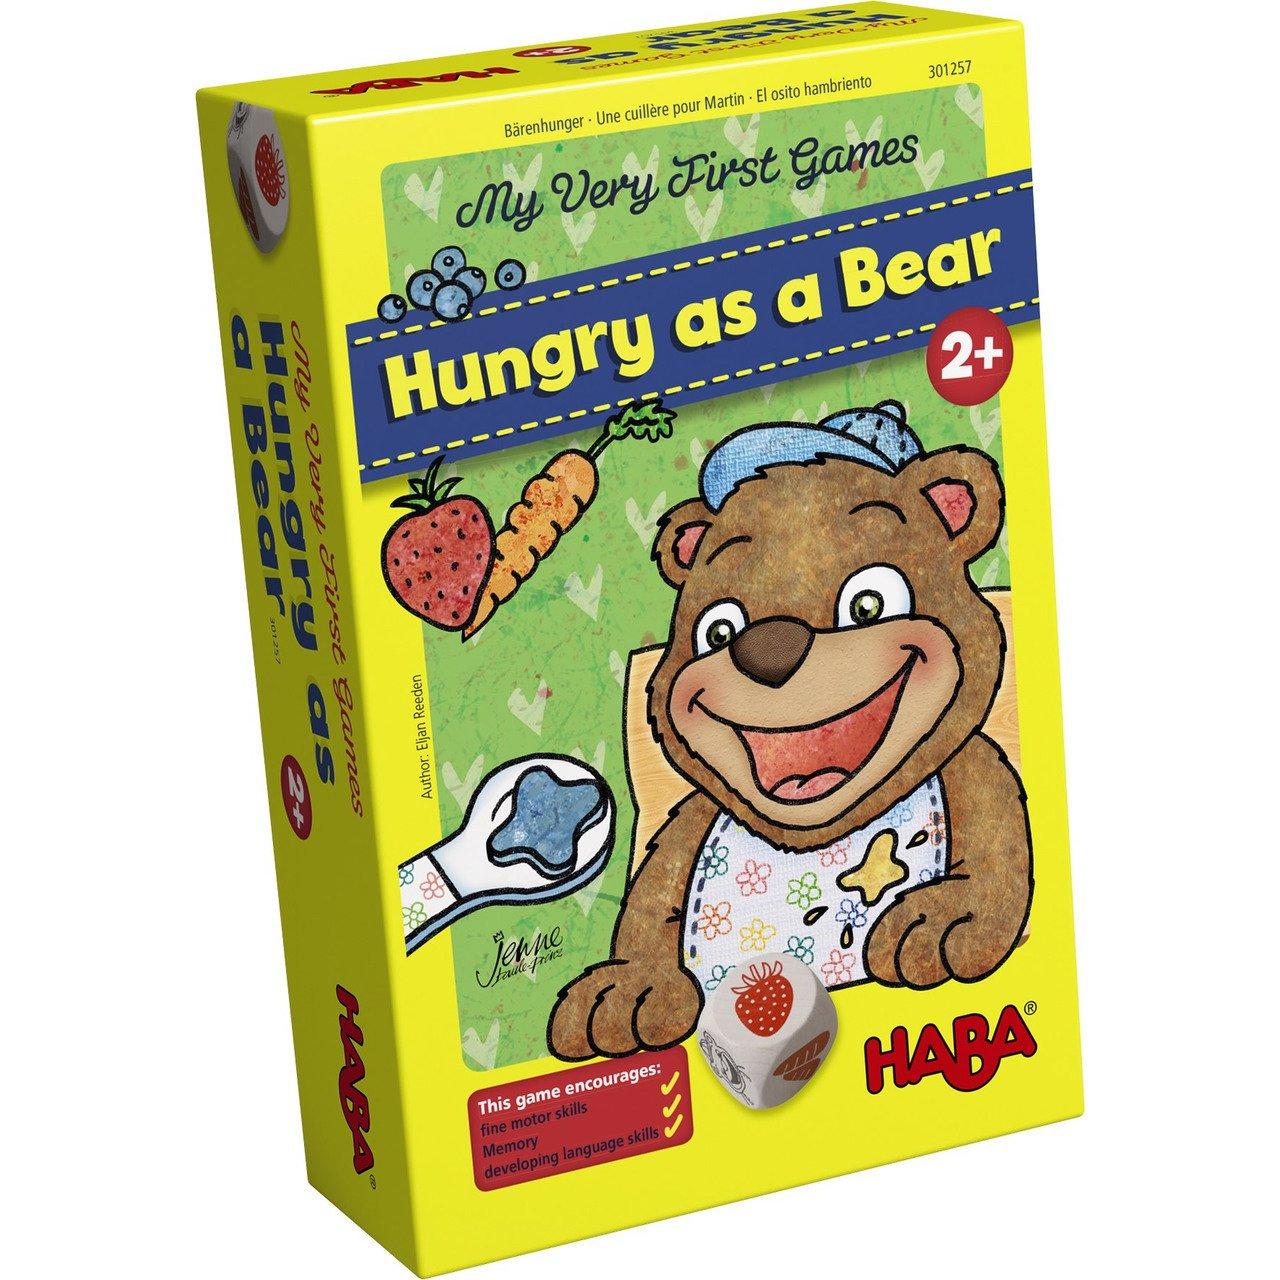 Haba 300171 - Meine Ersten Spiele – Bärenhunger | Lustige Spielesammlung für 1-3 Spieler ab 2 Jahren | mit Süßem Bären-Aufsteller Zum Füttern 301257 Kinderspiele Non Books